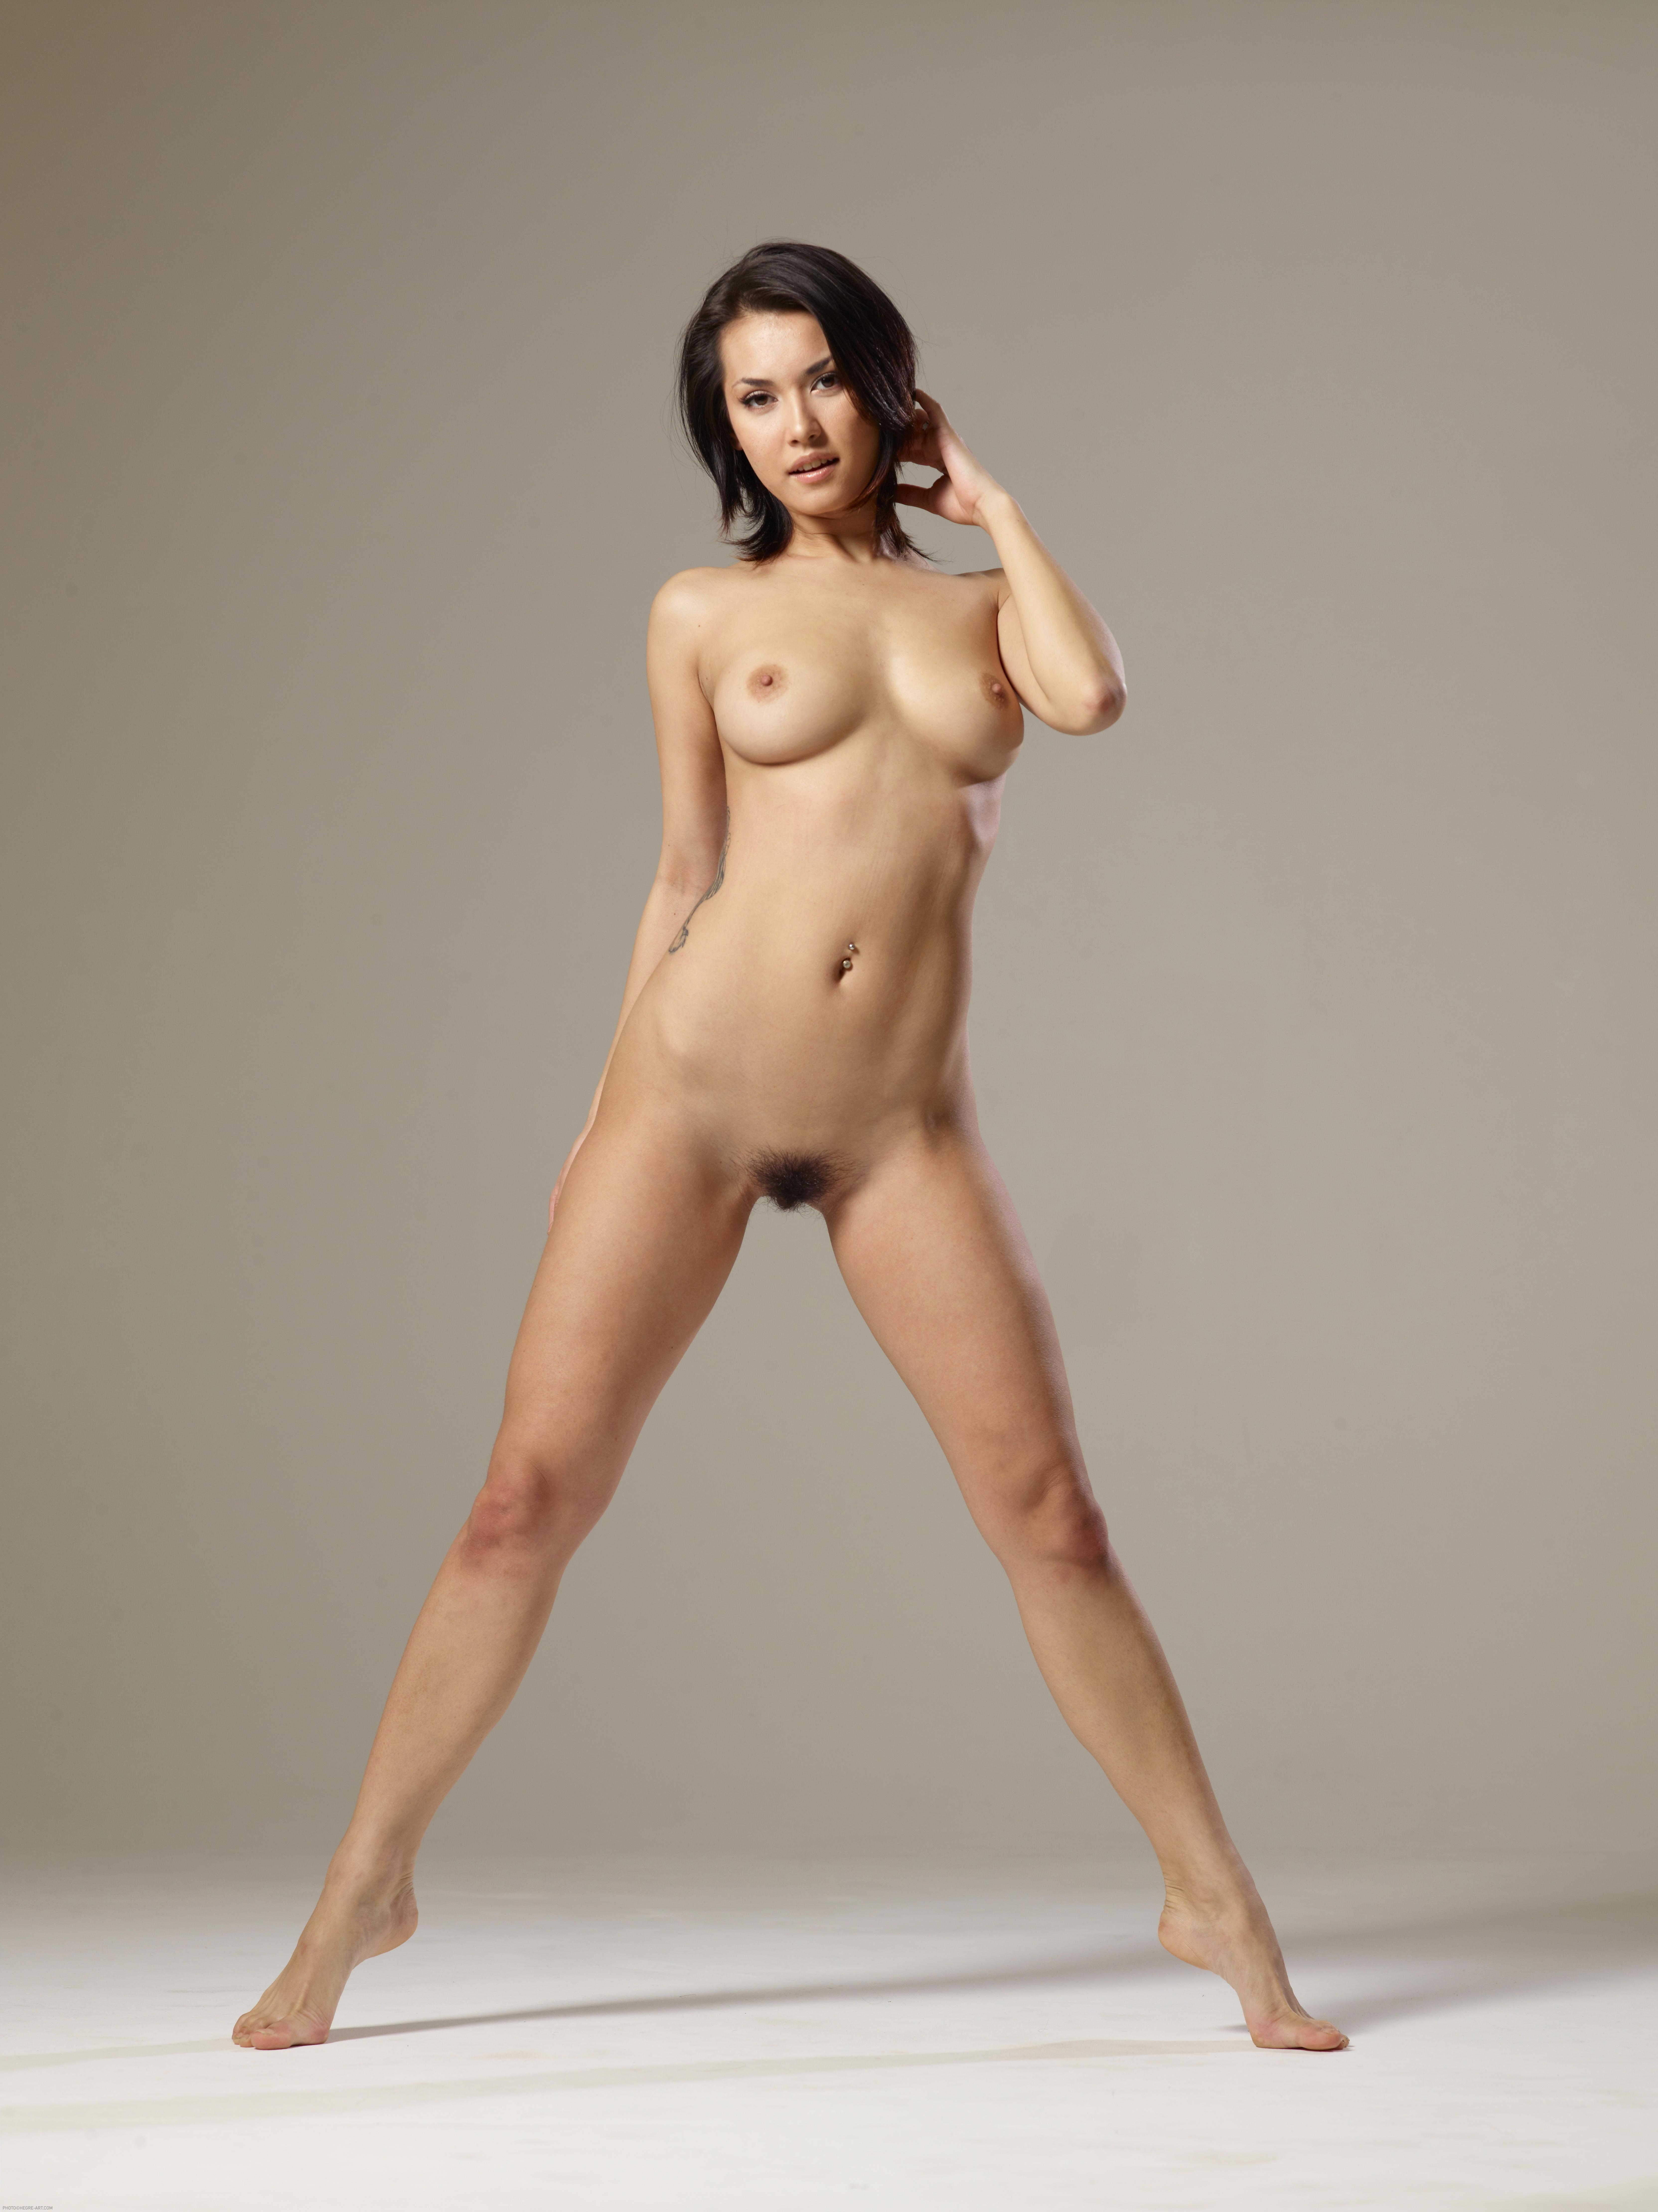 Maria Ozawa Nudes 2011 01 29 014 xxxxl